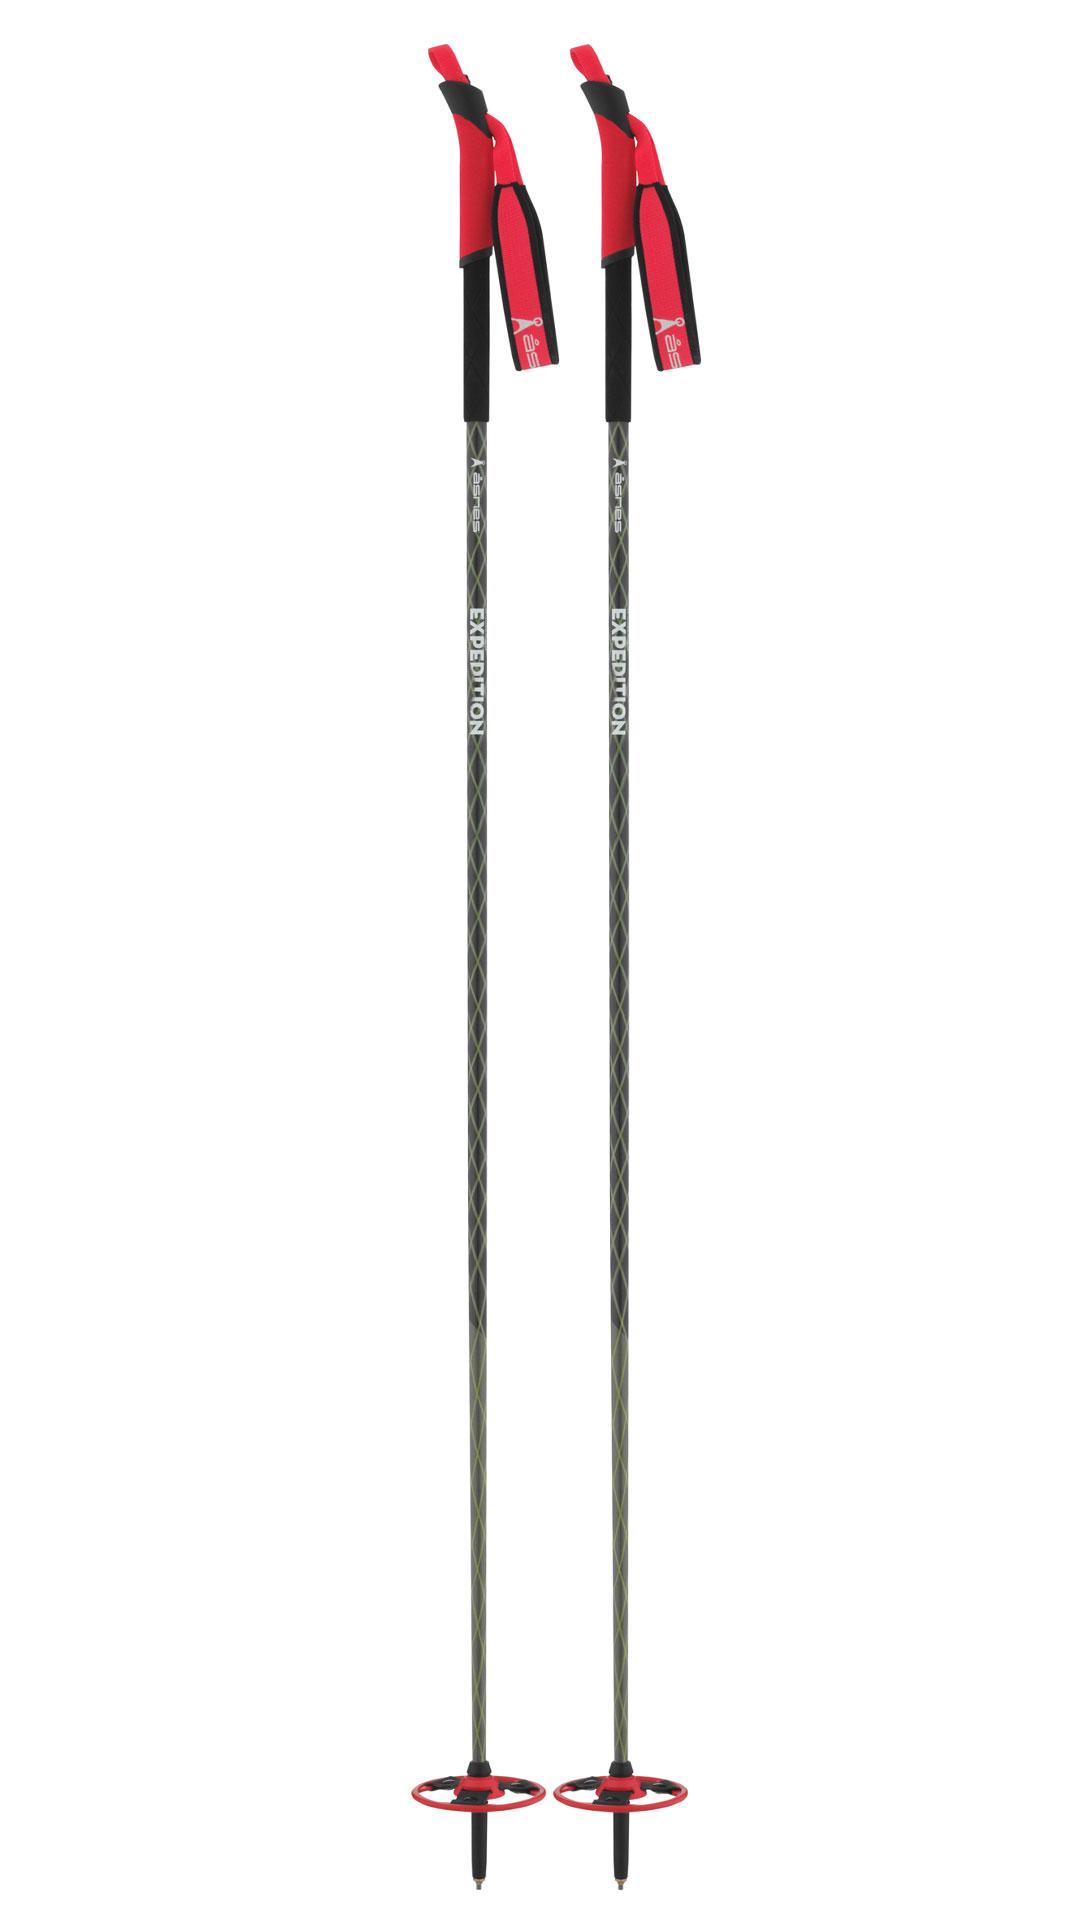 540202_Spidsbergen_Carbon-Kevlar_Pole_01.jpg